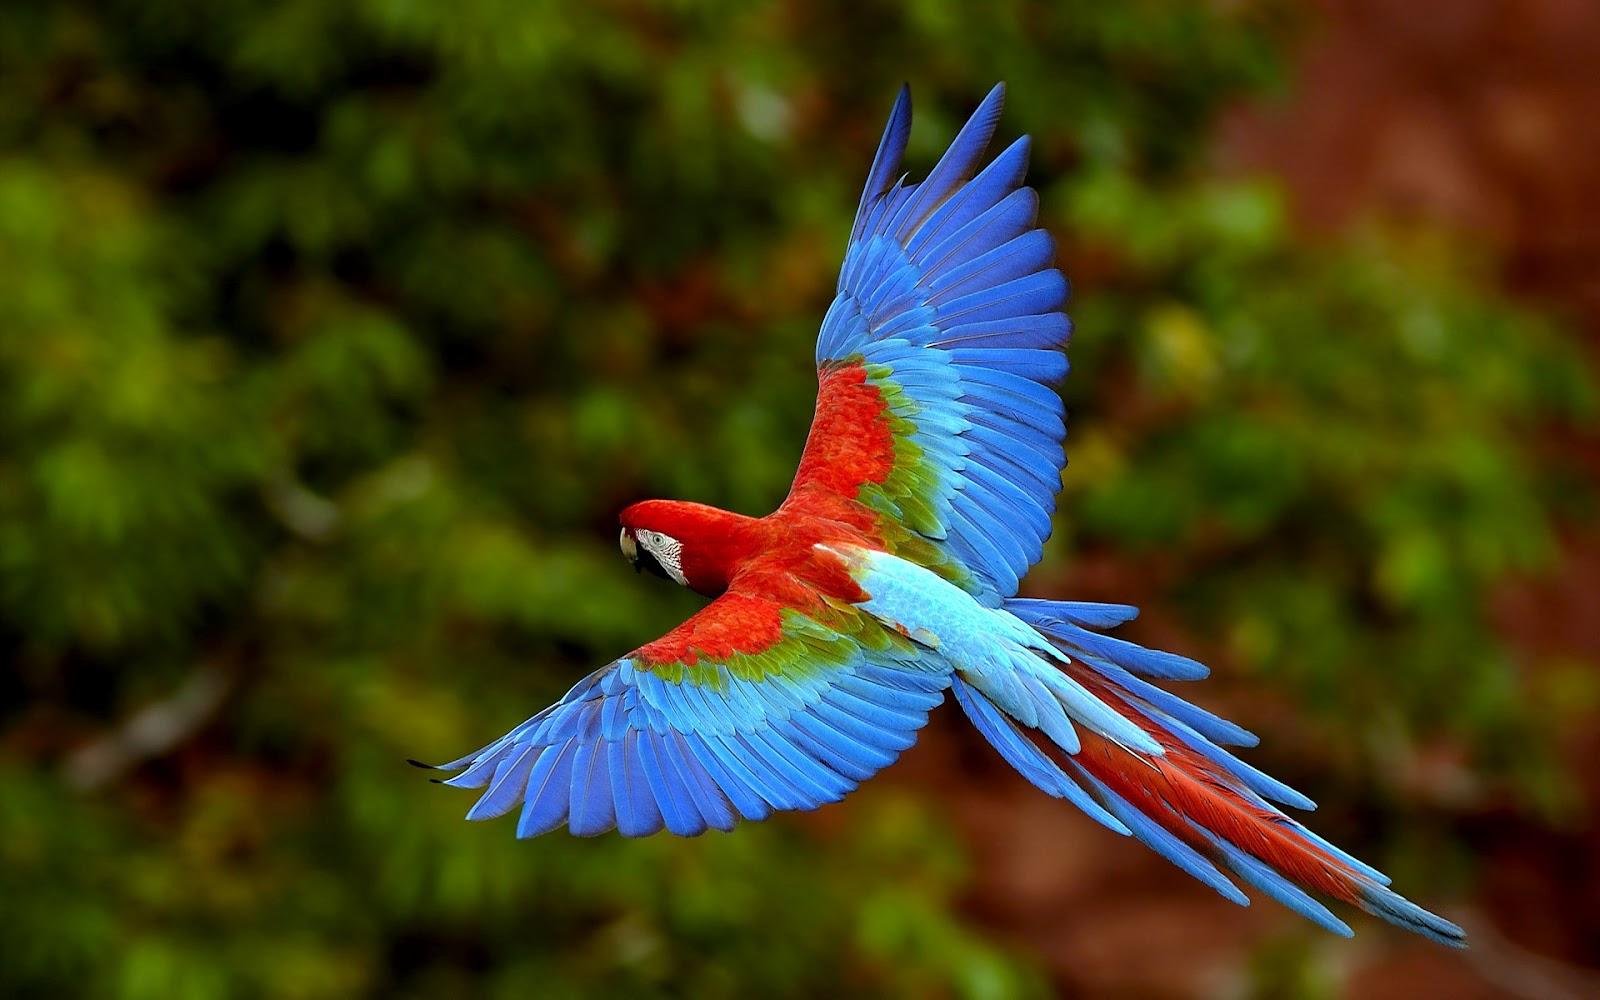 Parrot wallpaper 2012 00